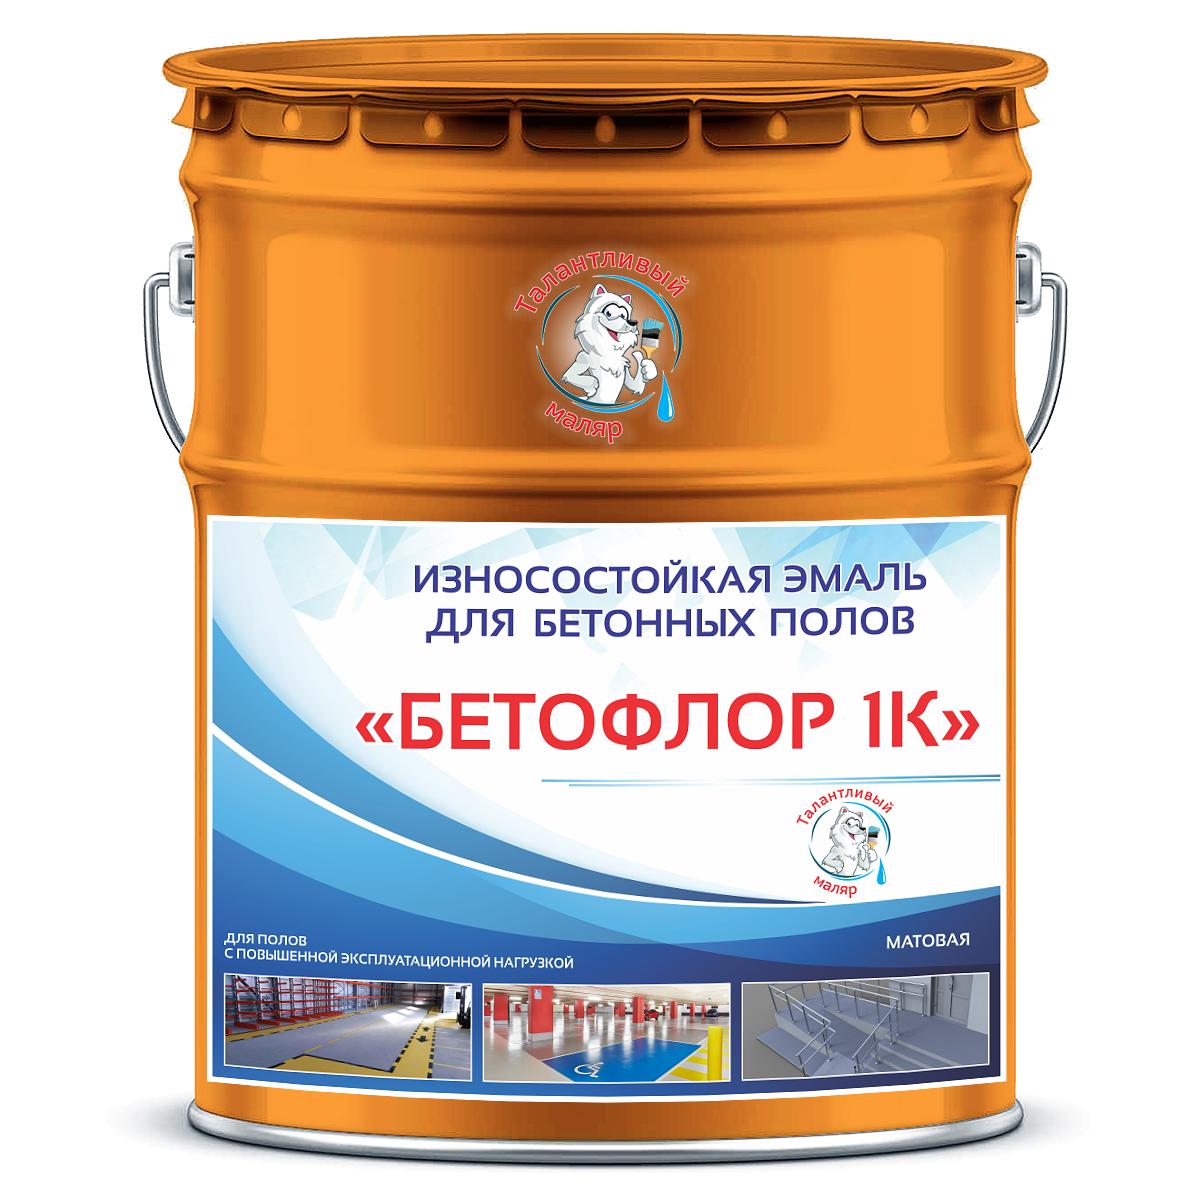 """Фото 1 - BF2000 Эмаль для бетонных полов """"Бетофлор"""" 1К цвет RAL 2000 Жёлто-оранжевый, матовая износостойкая, 25 кг """"Талантливый Маляр""""."""